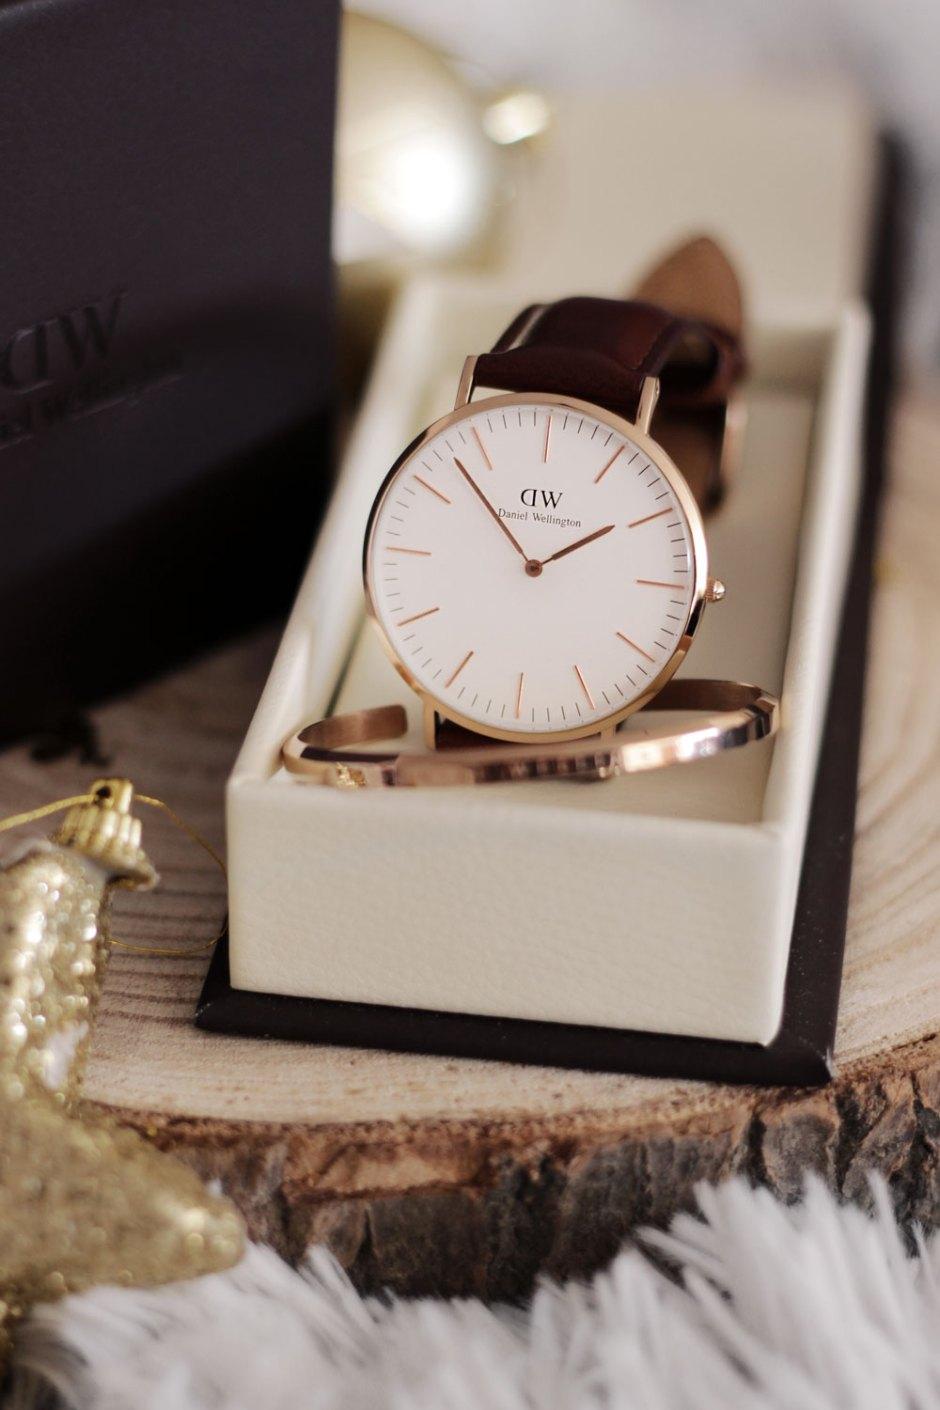 christmas-gift-daniel-wellington-watch